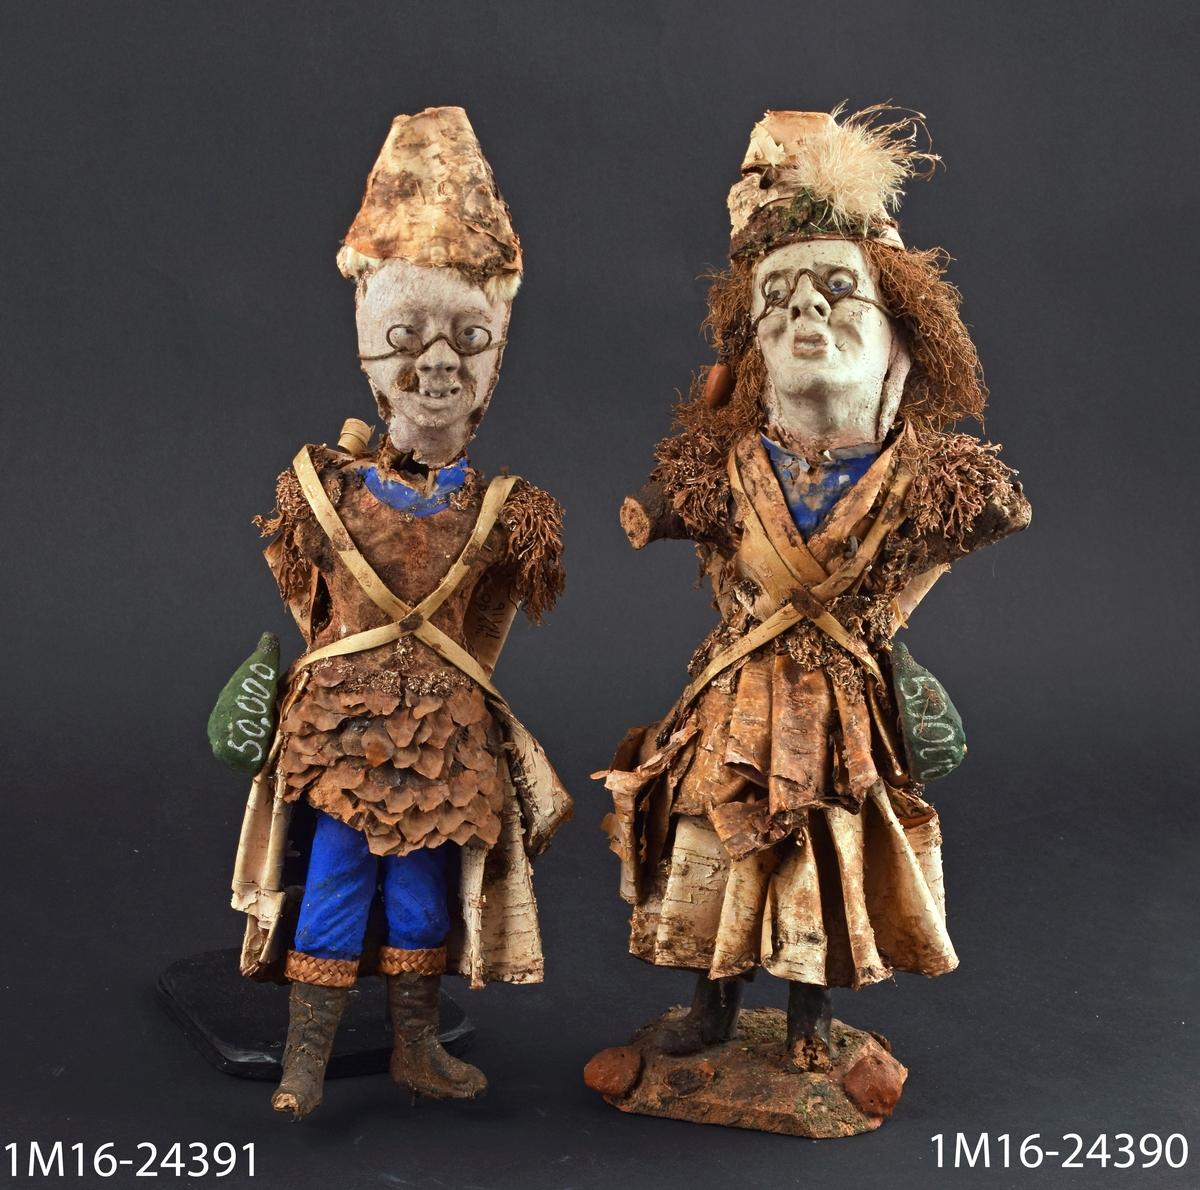 Docka, gjord av trä, näver och mossa med kvinnlig figur, på ryggen en kont, vid sidorna väskor. Har tillhört färgare Ekengrens i Skara. Har kastats och hittats av givaren.